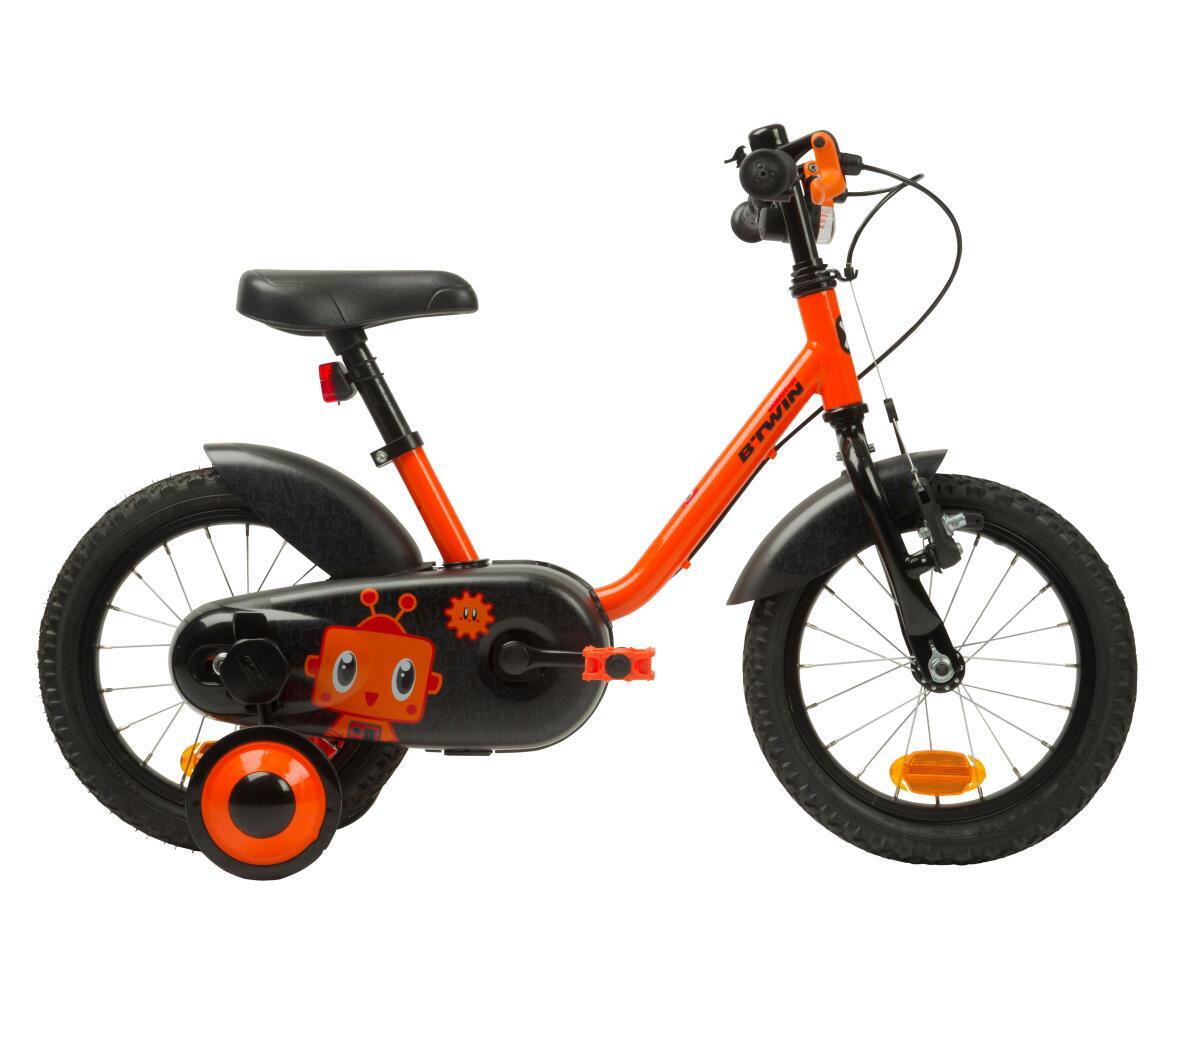 bicicleta_14pouces_enfant_decathlon_btwin_ORANGE